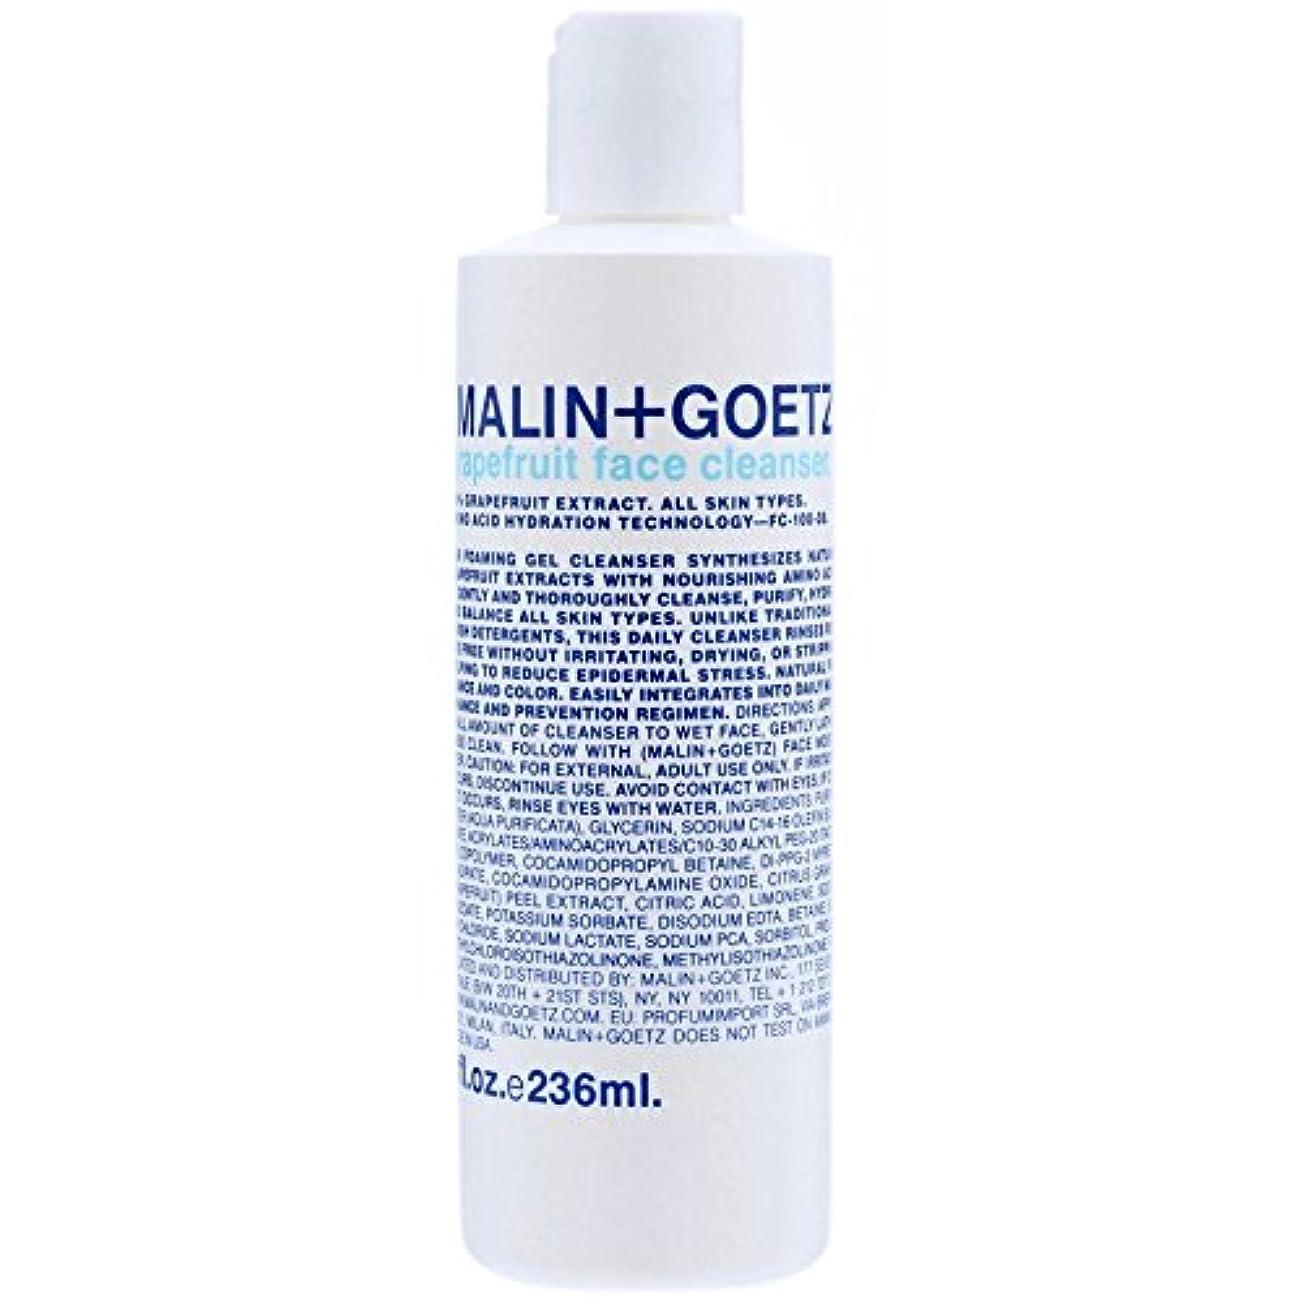 希望に満ちた発音ジュースマリン+ゲッツグレープフルーツフェイスクレンザー x4 - MALIN+GOETZ Grapefruit Face Cleanser (Pack of 4) [並行輸入品]